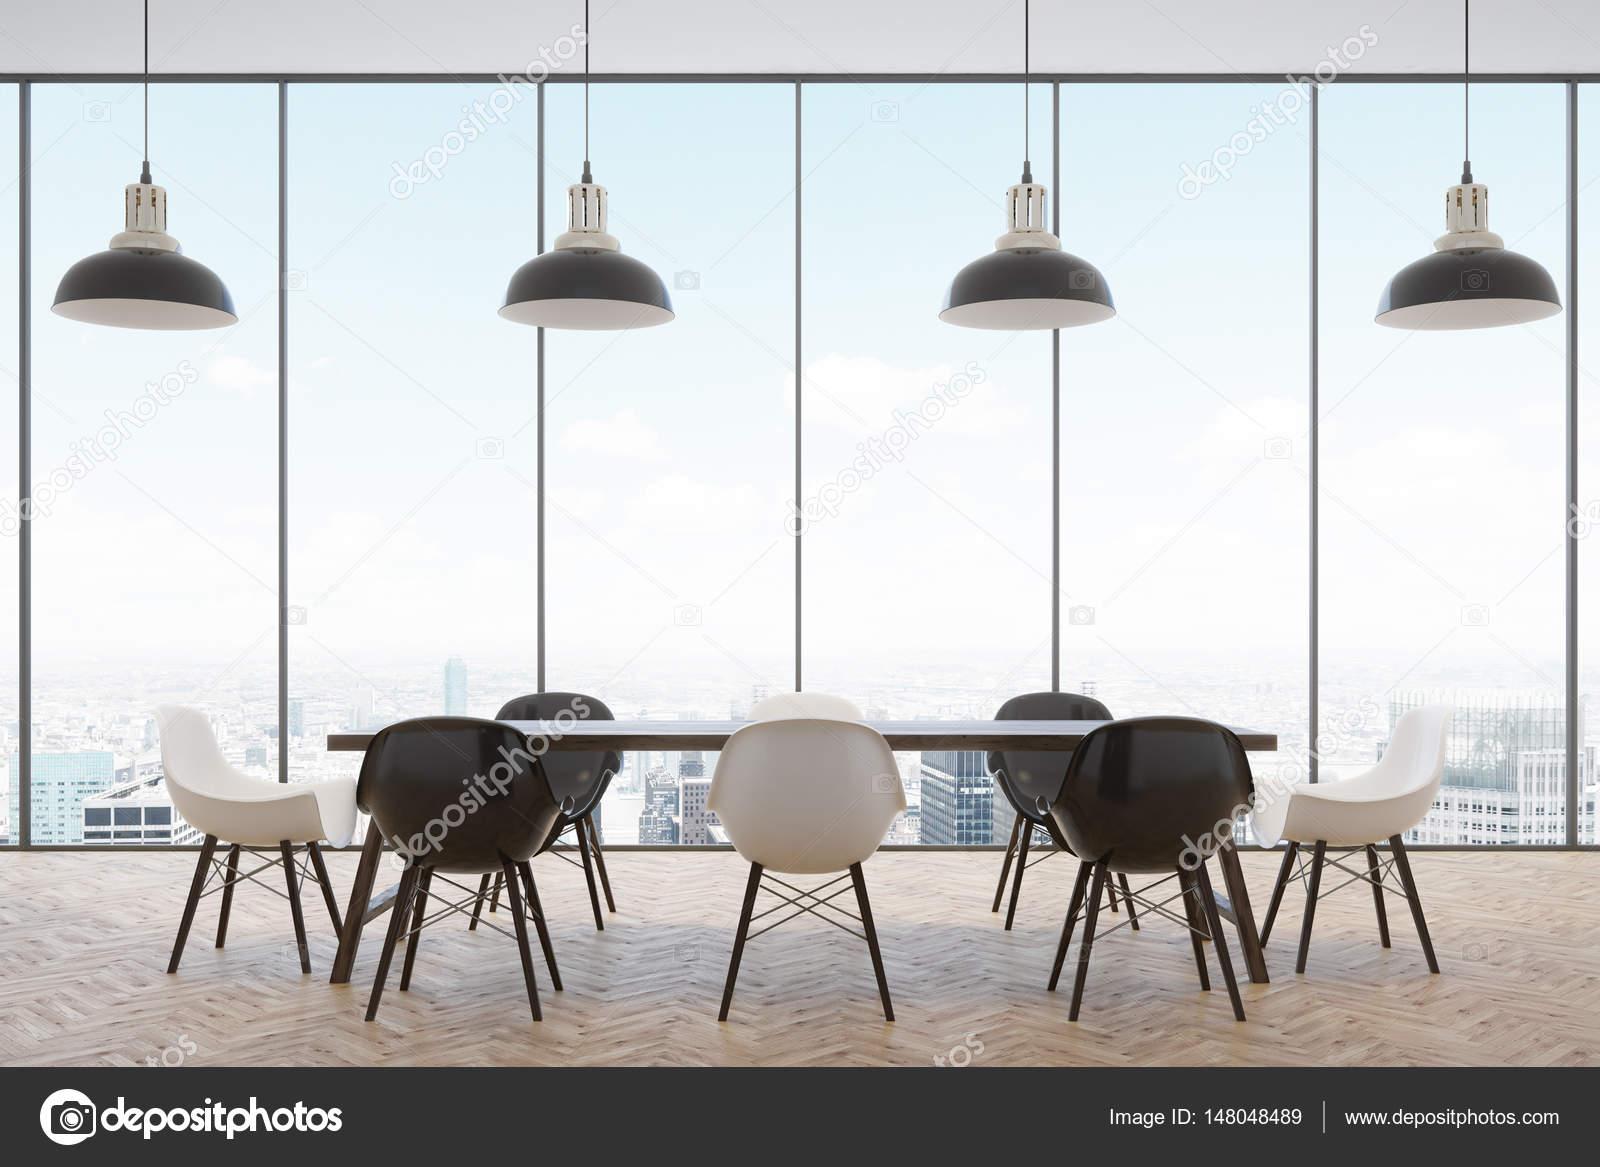 Tagungsraum Mit Einem Panoramafenster Mit Herrlichem Ausblick Und Ein Langer  Tisch Mit Schwarzen Und Weißen Stühle Stehen Um Ihn Herum.